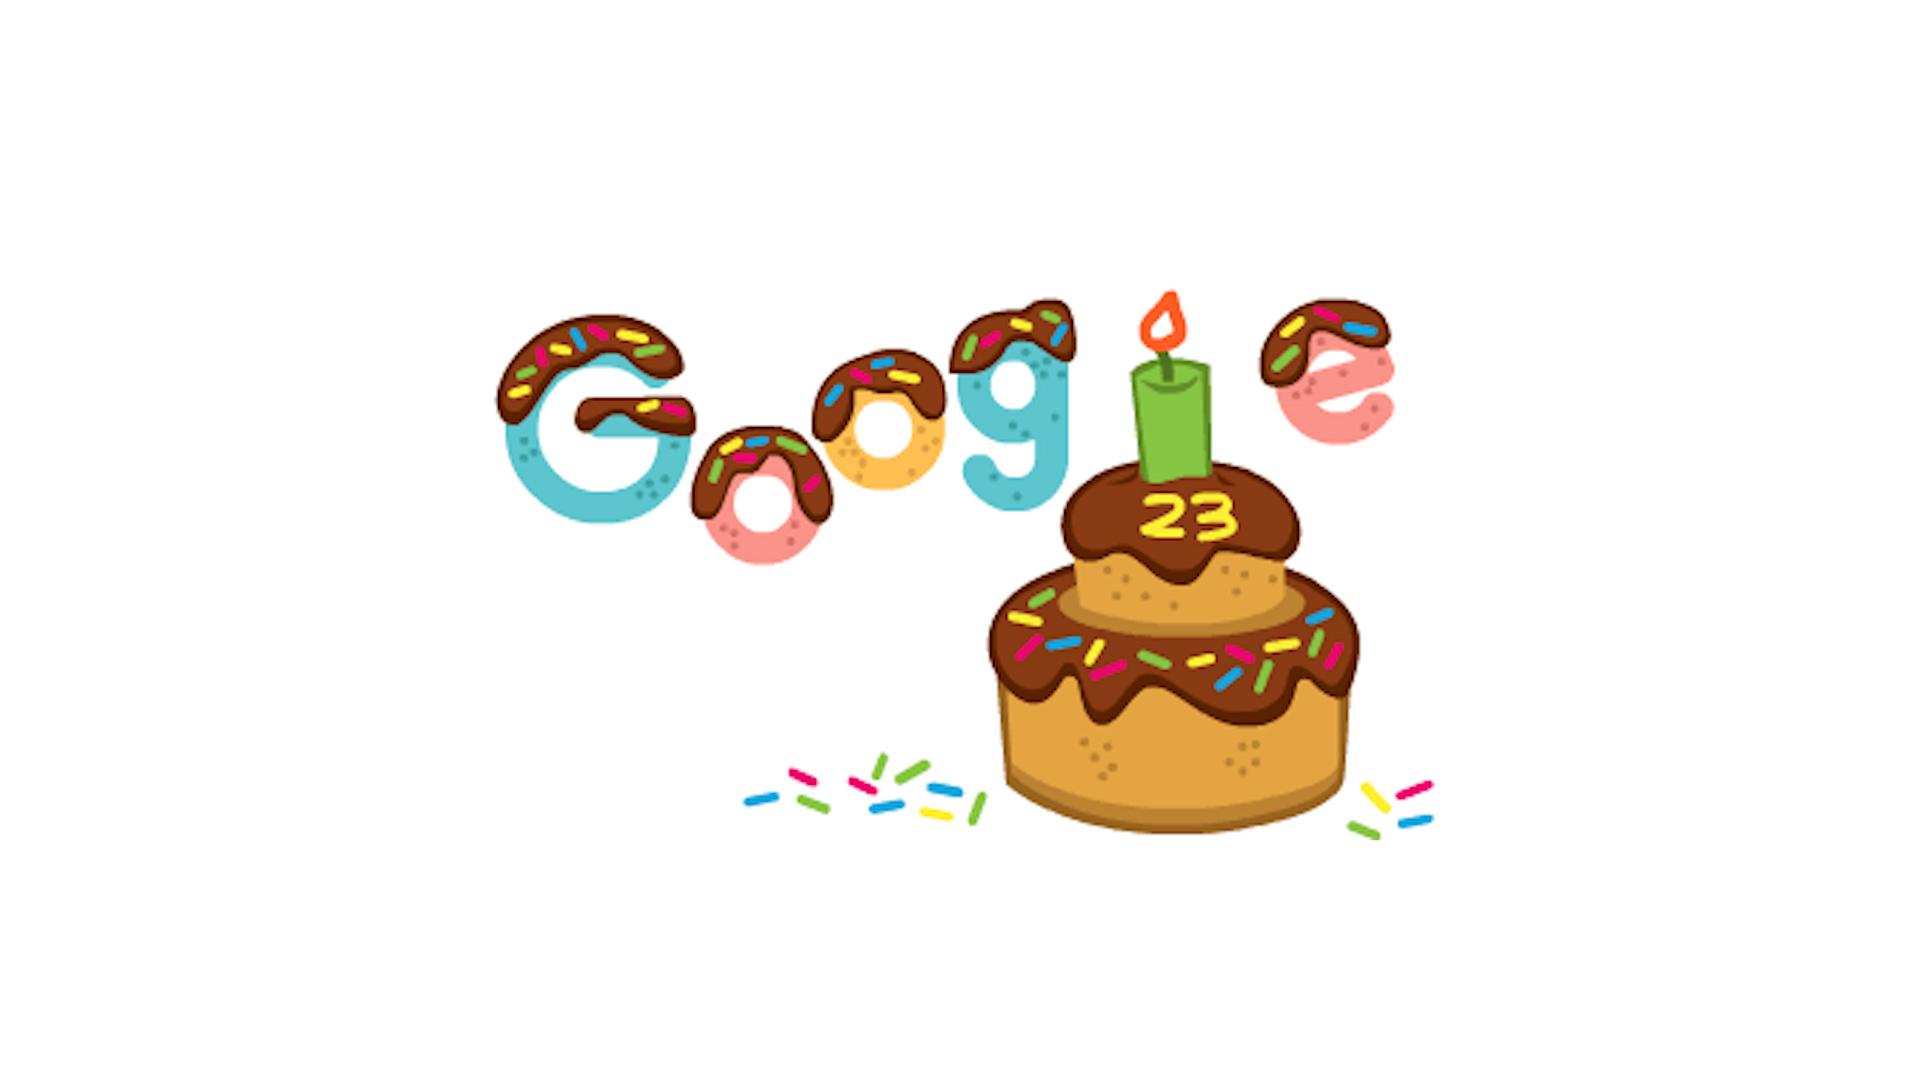 Google turns 23, celebrates with 'birthday cake' Google Doodle